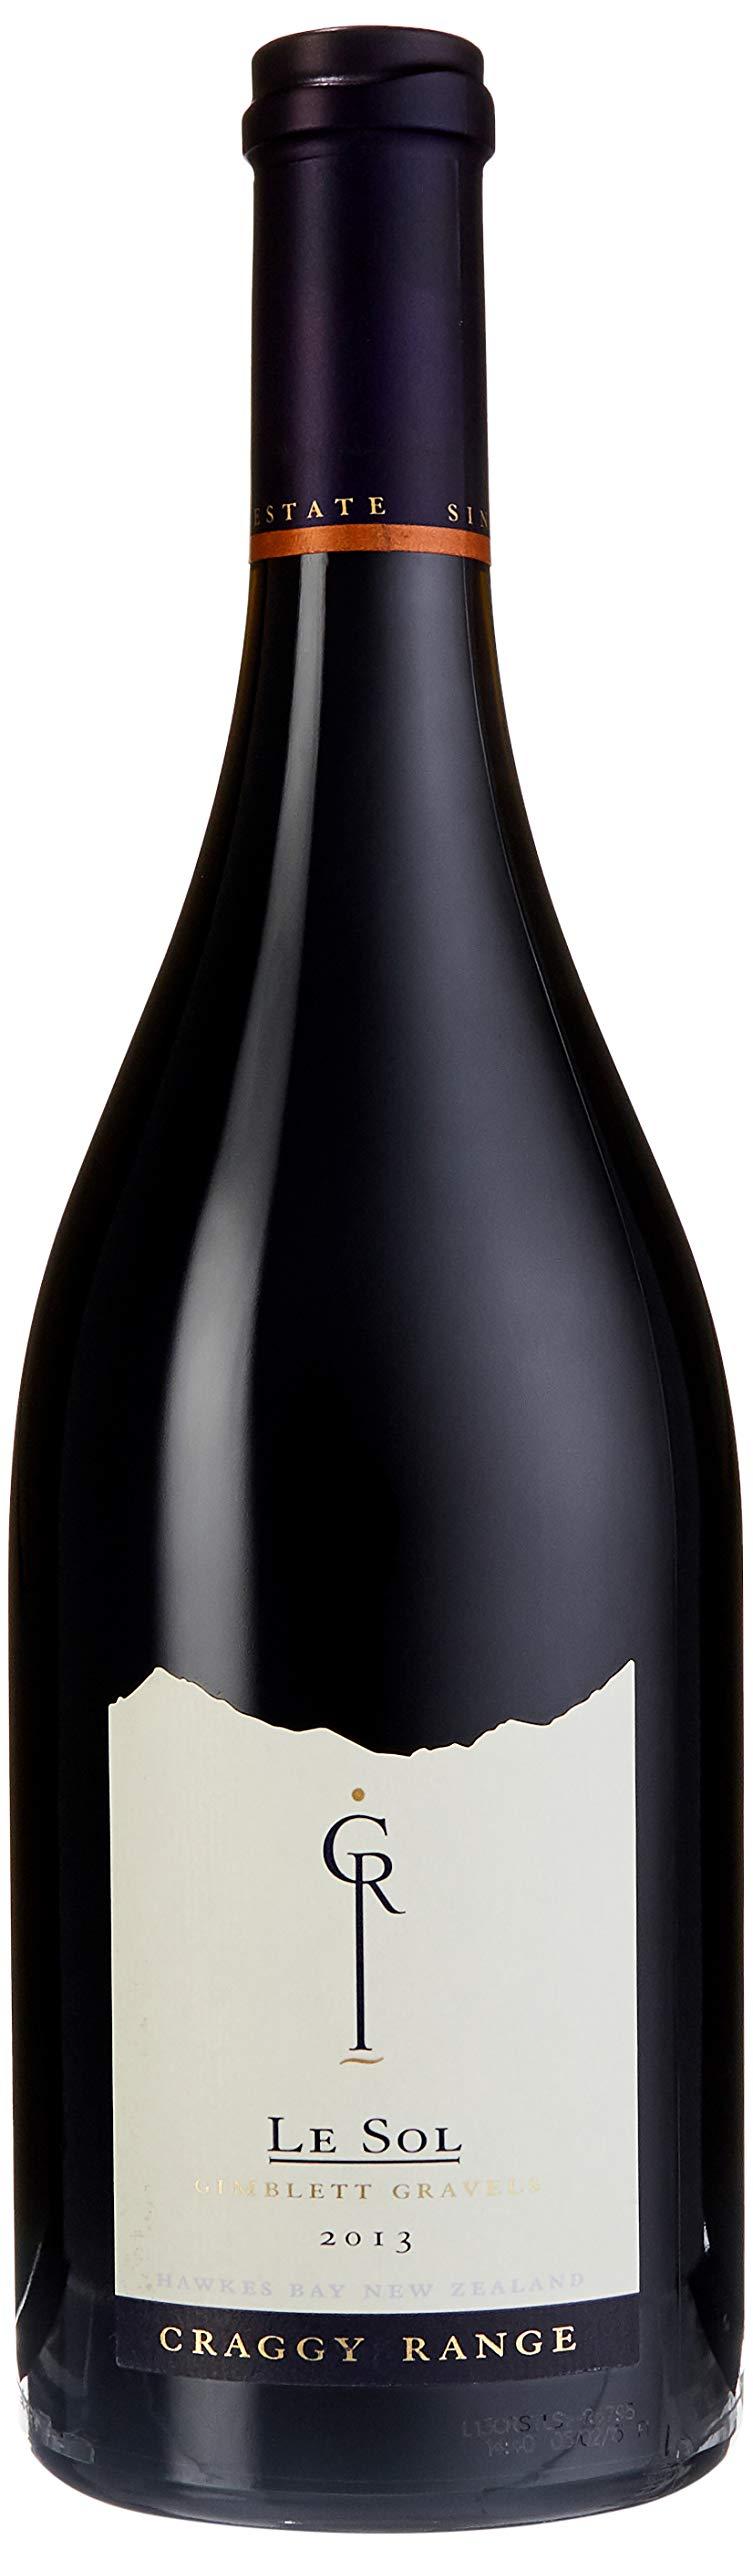 Craggy-Range-Le-Sol-Gimblett-Gravels-Vineyard-Syrah-2013-1-x-075-l